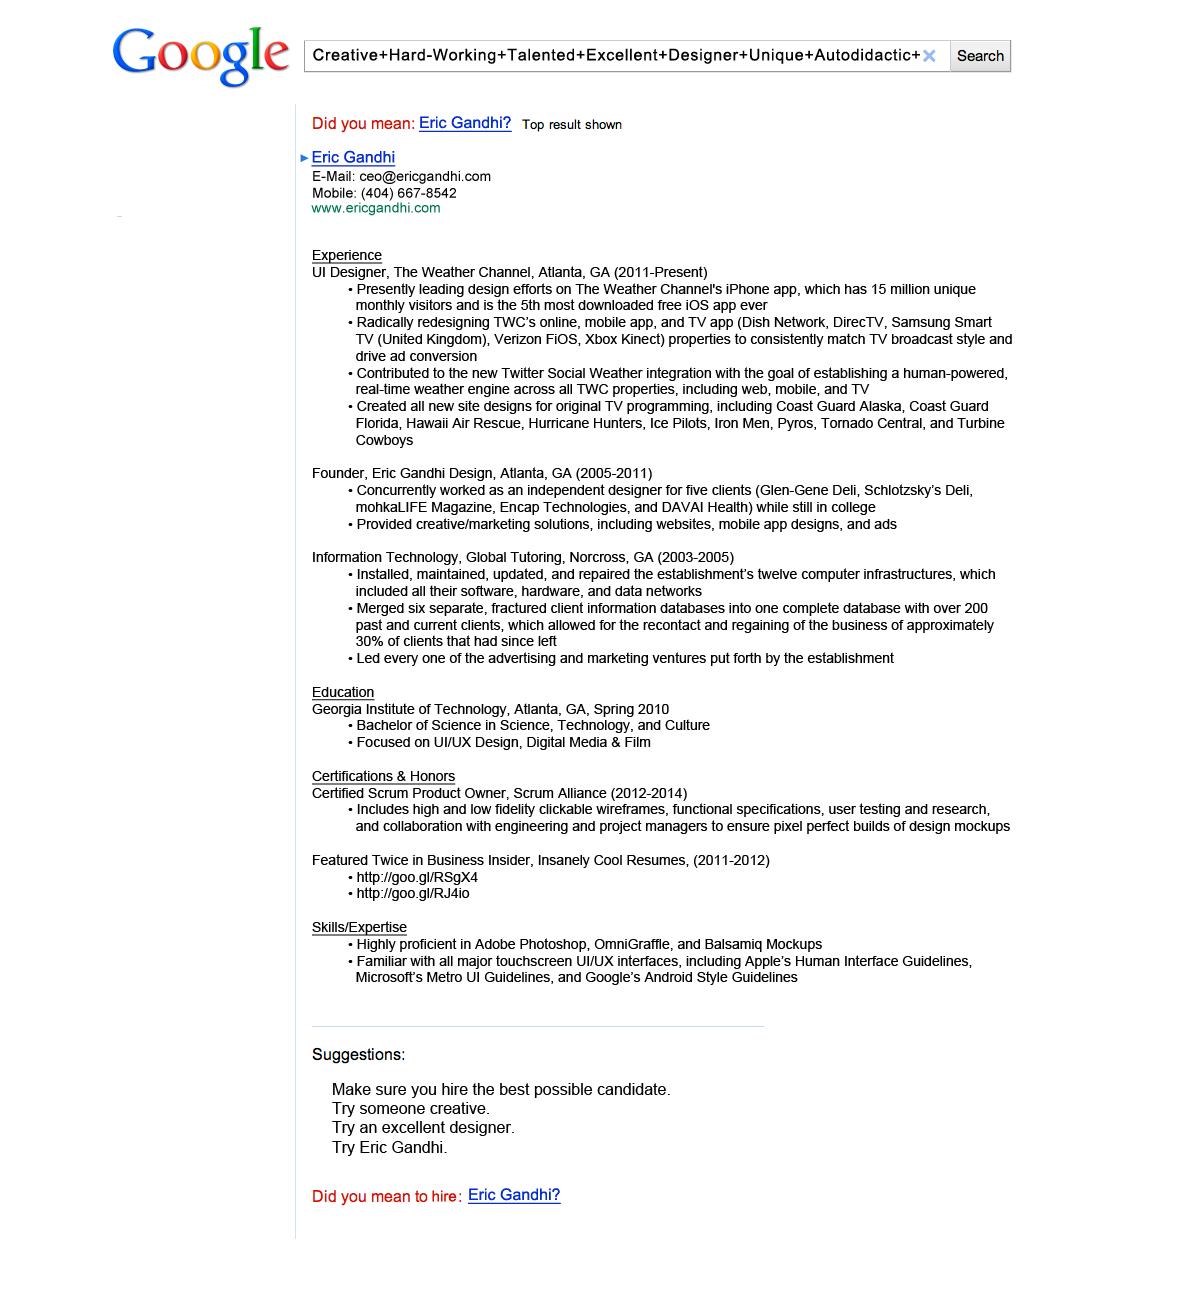 Eric Gandhi's Google themed CV got him an interview with